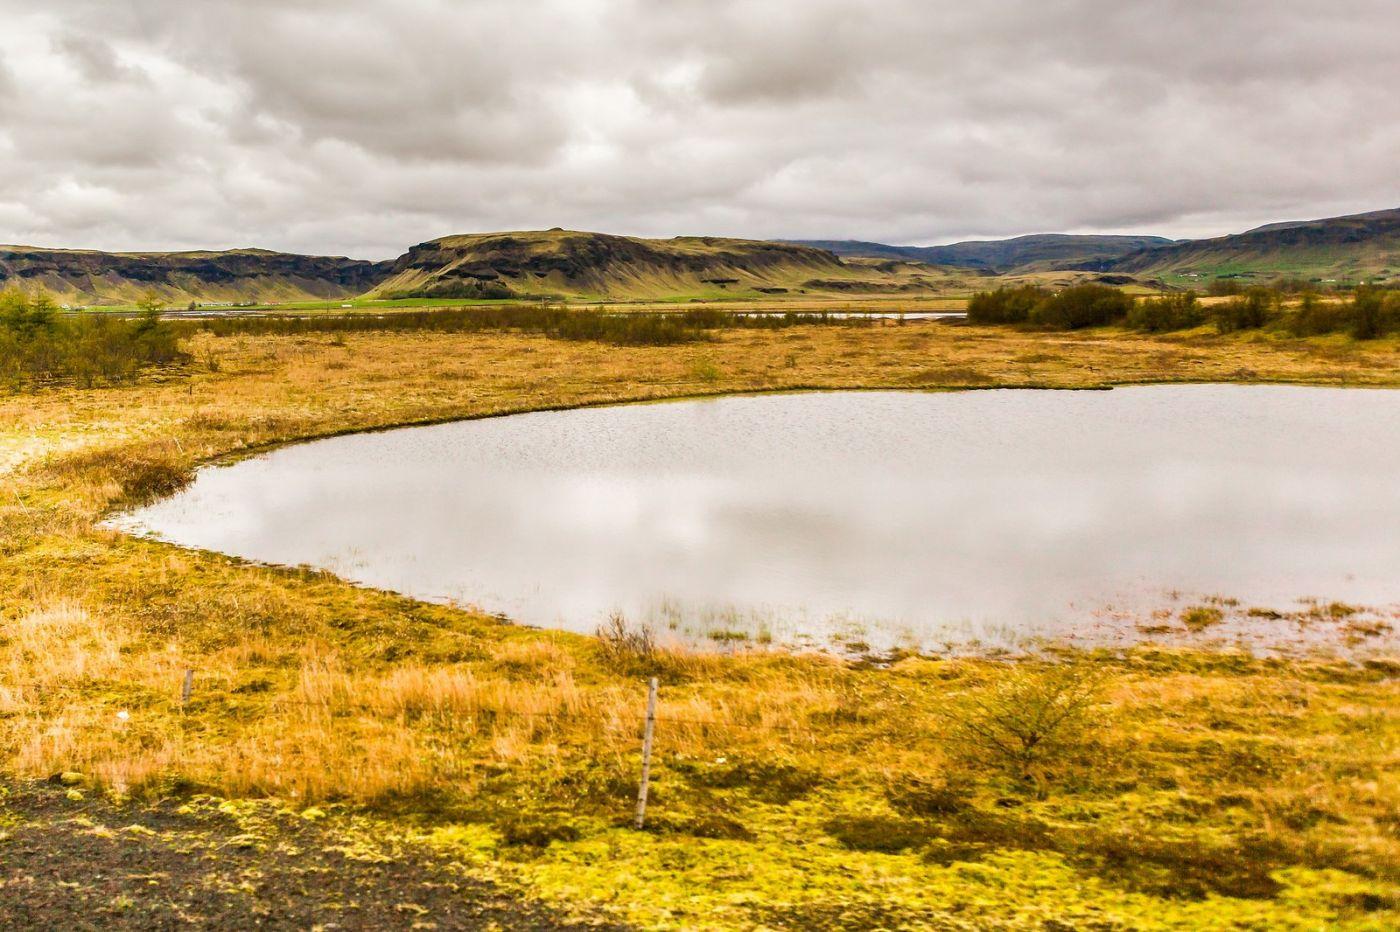 冰岛风采,那一片水景_图1-16